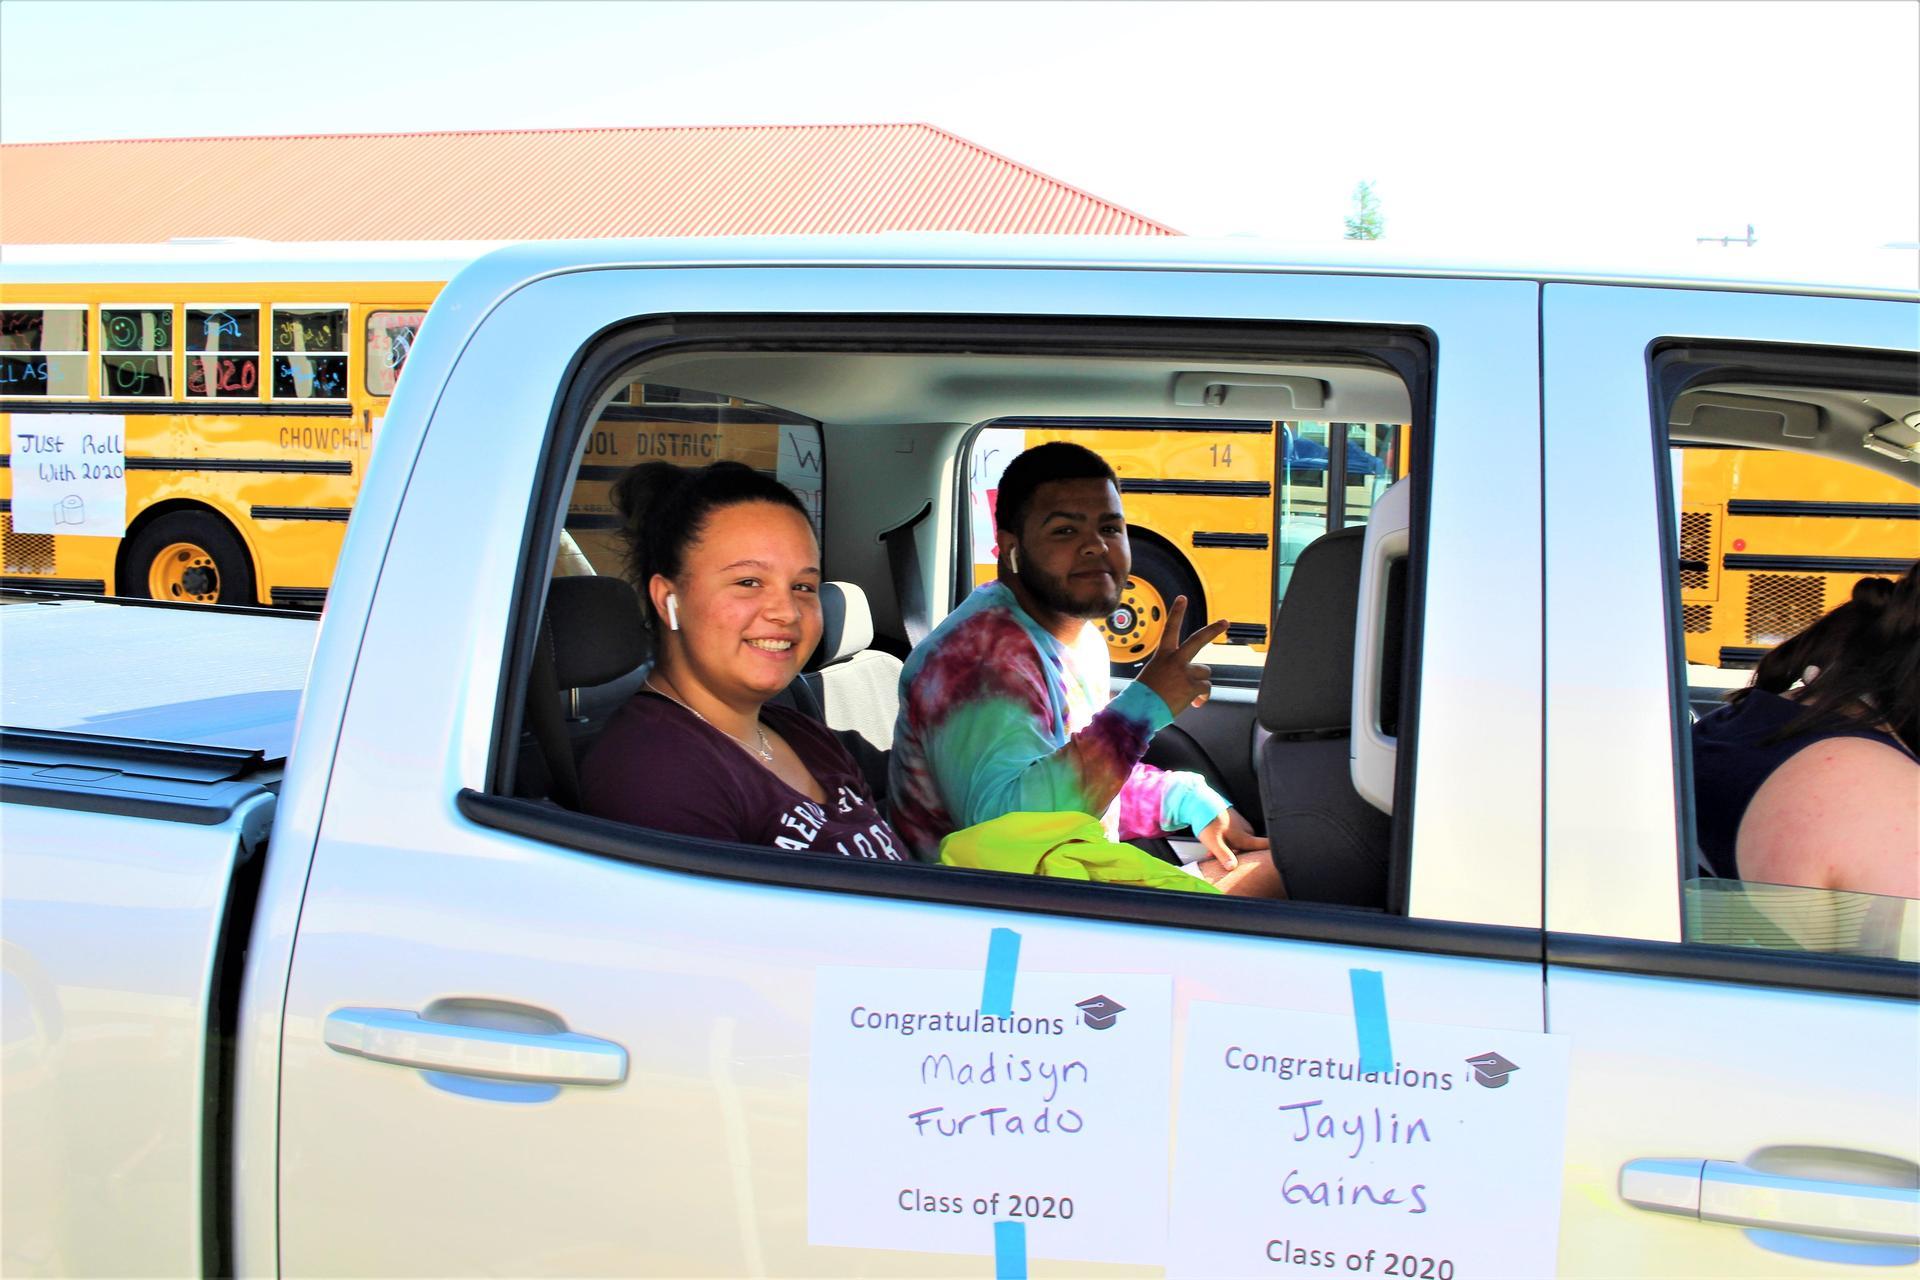 Madisyn Furtdao and Jaylinn Gaines riding through